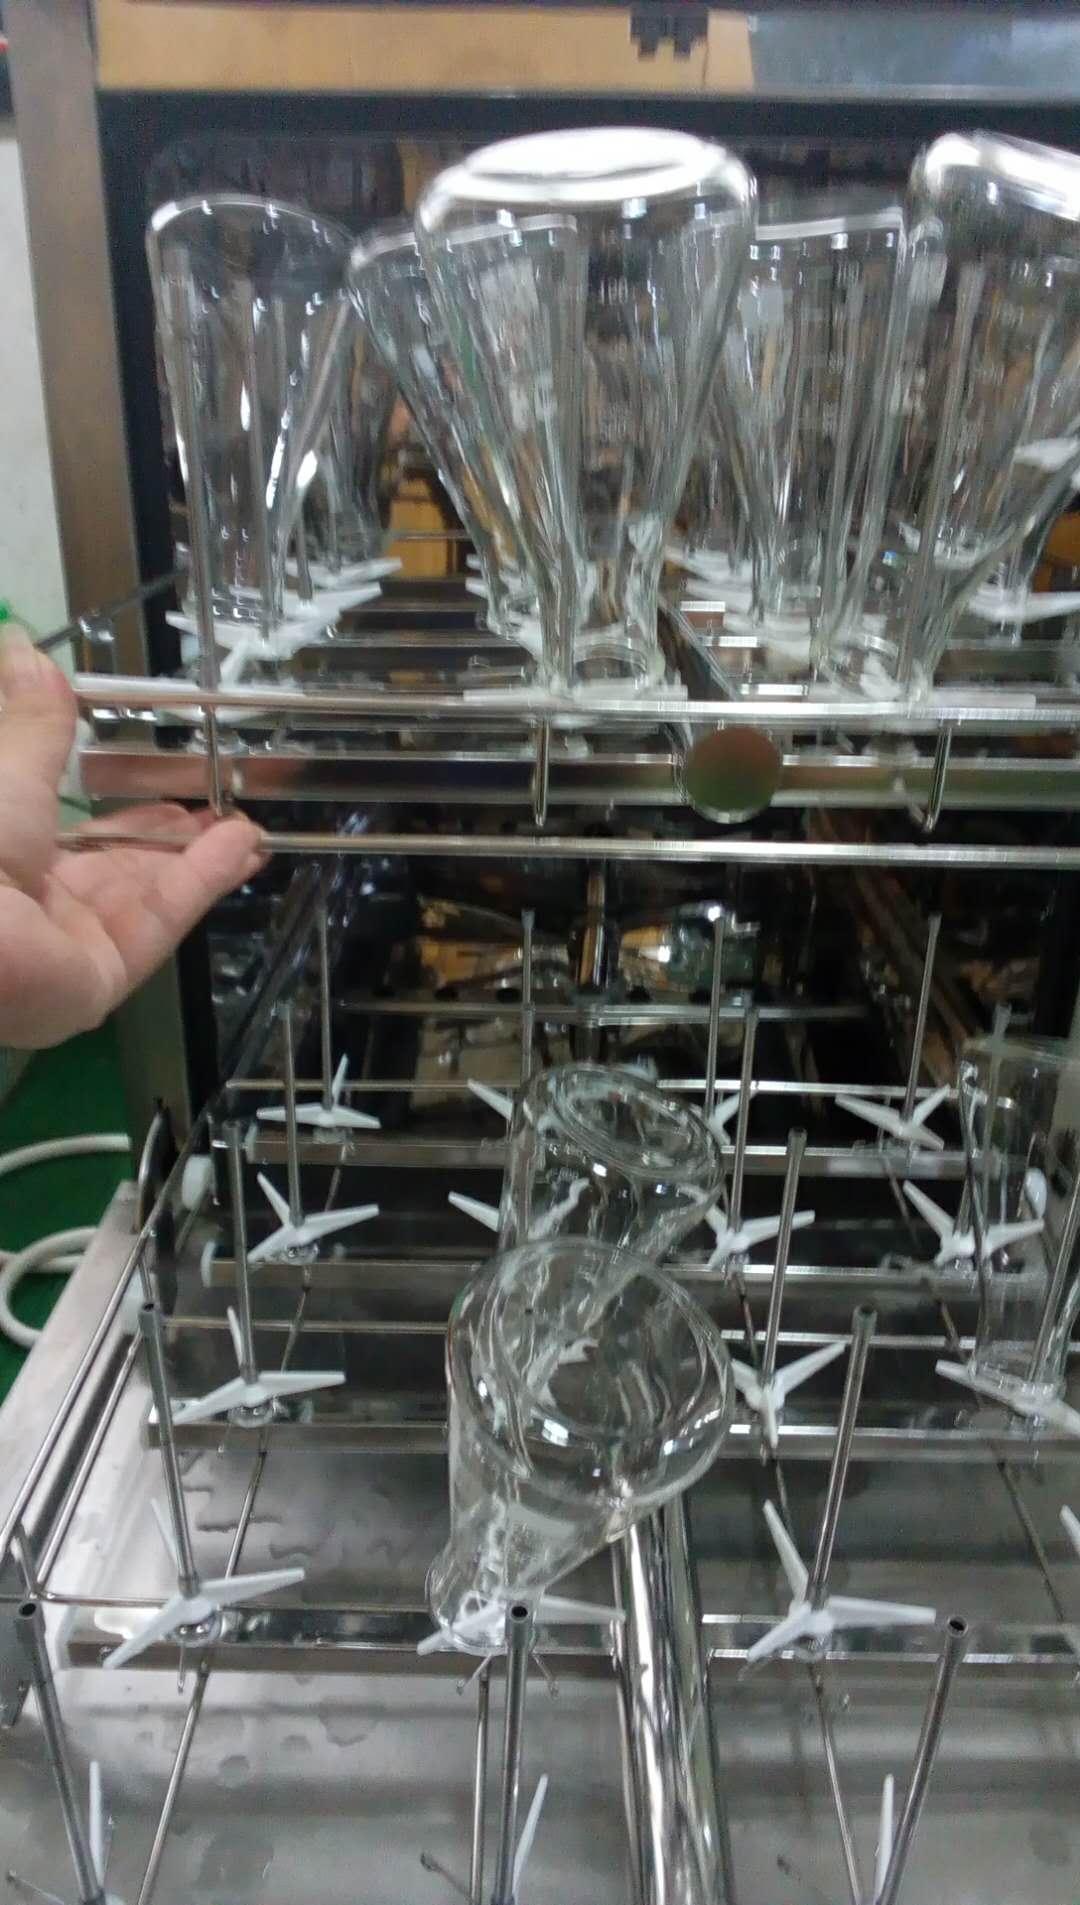 714903151135407300.jpg 烧杯、容量瓶、锥形瓶等不一样的清洗方式 公司动态 第15张